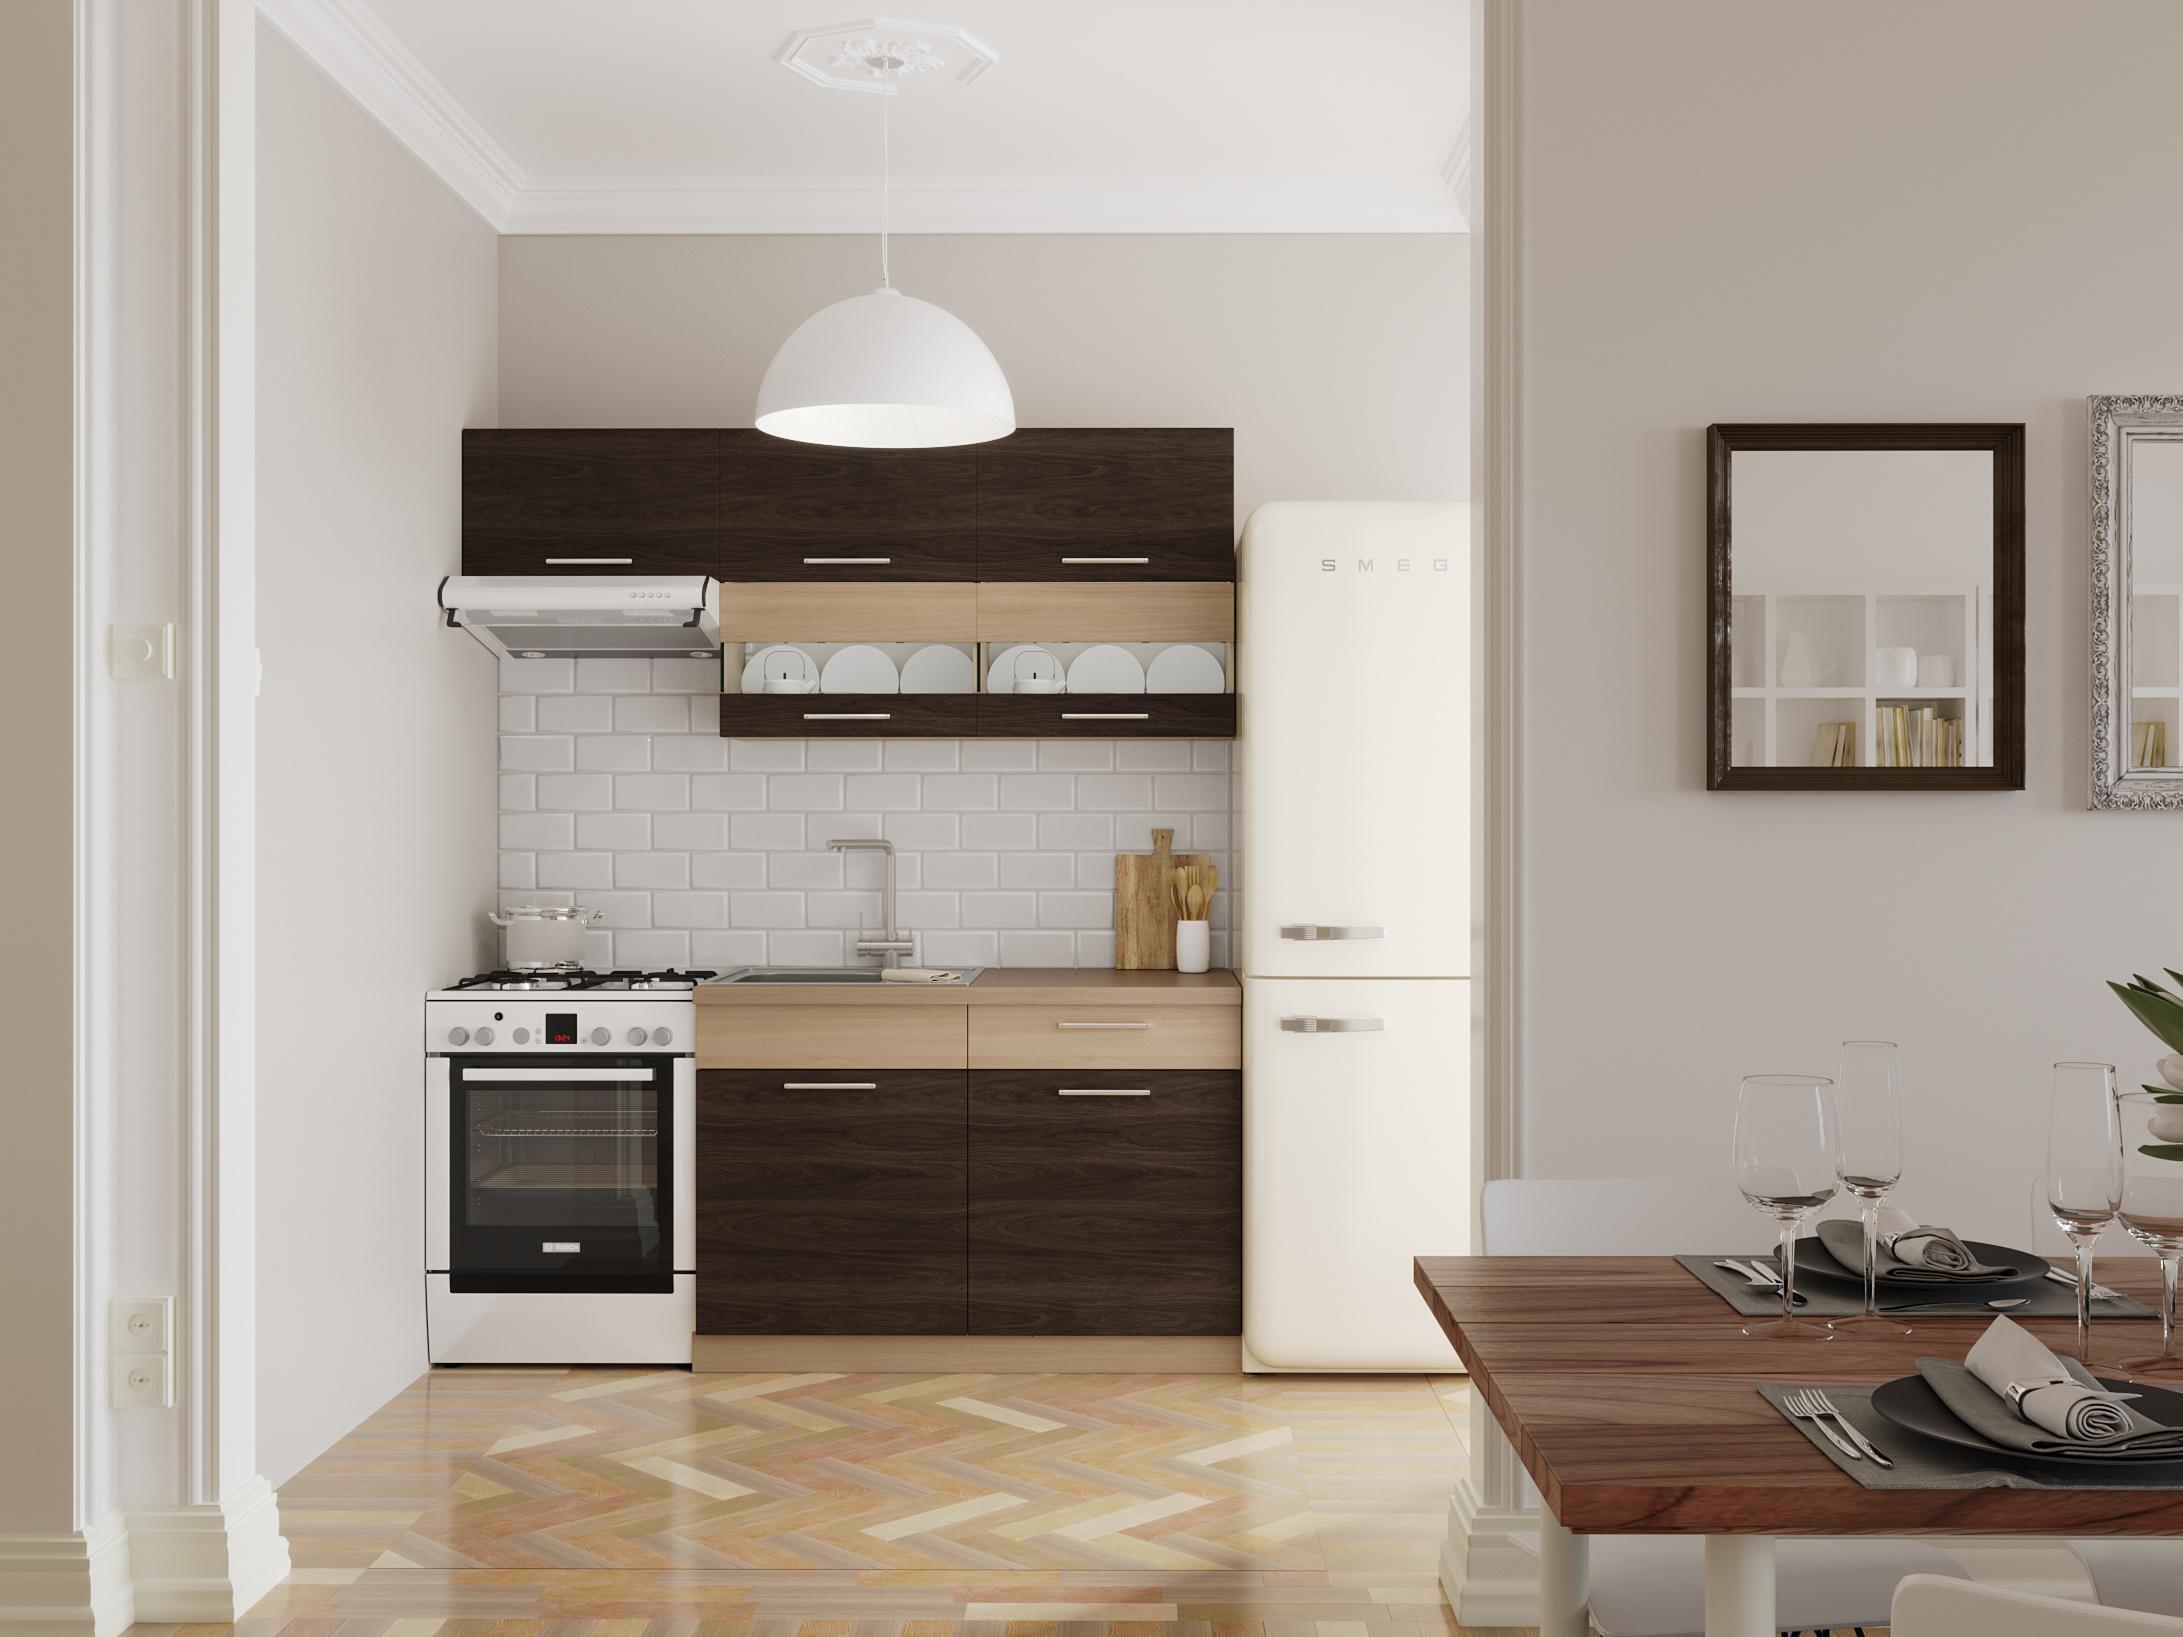 Kuchyně MODENA 120/180 cm, rijeka tmavá